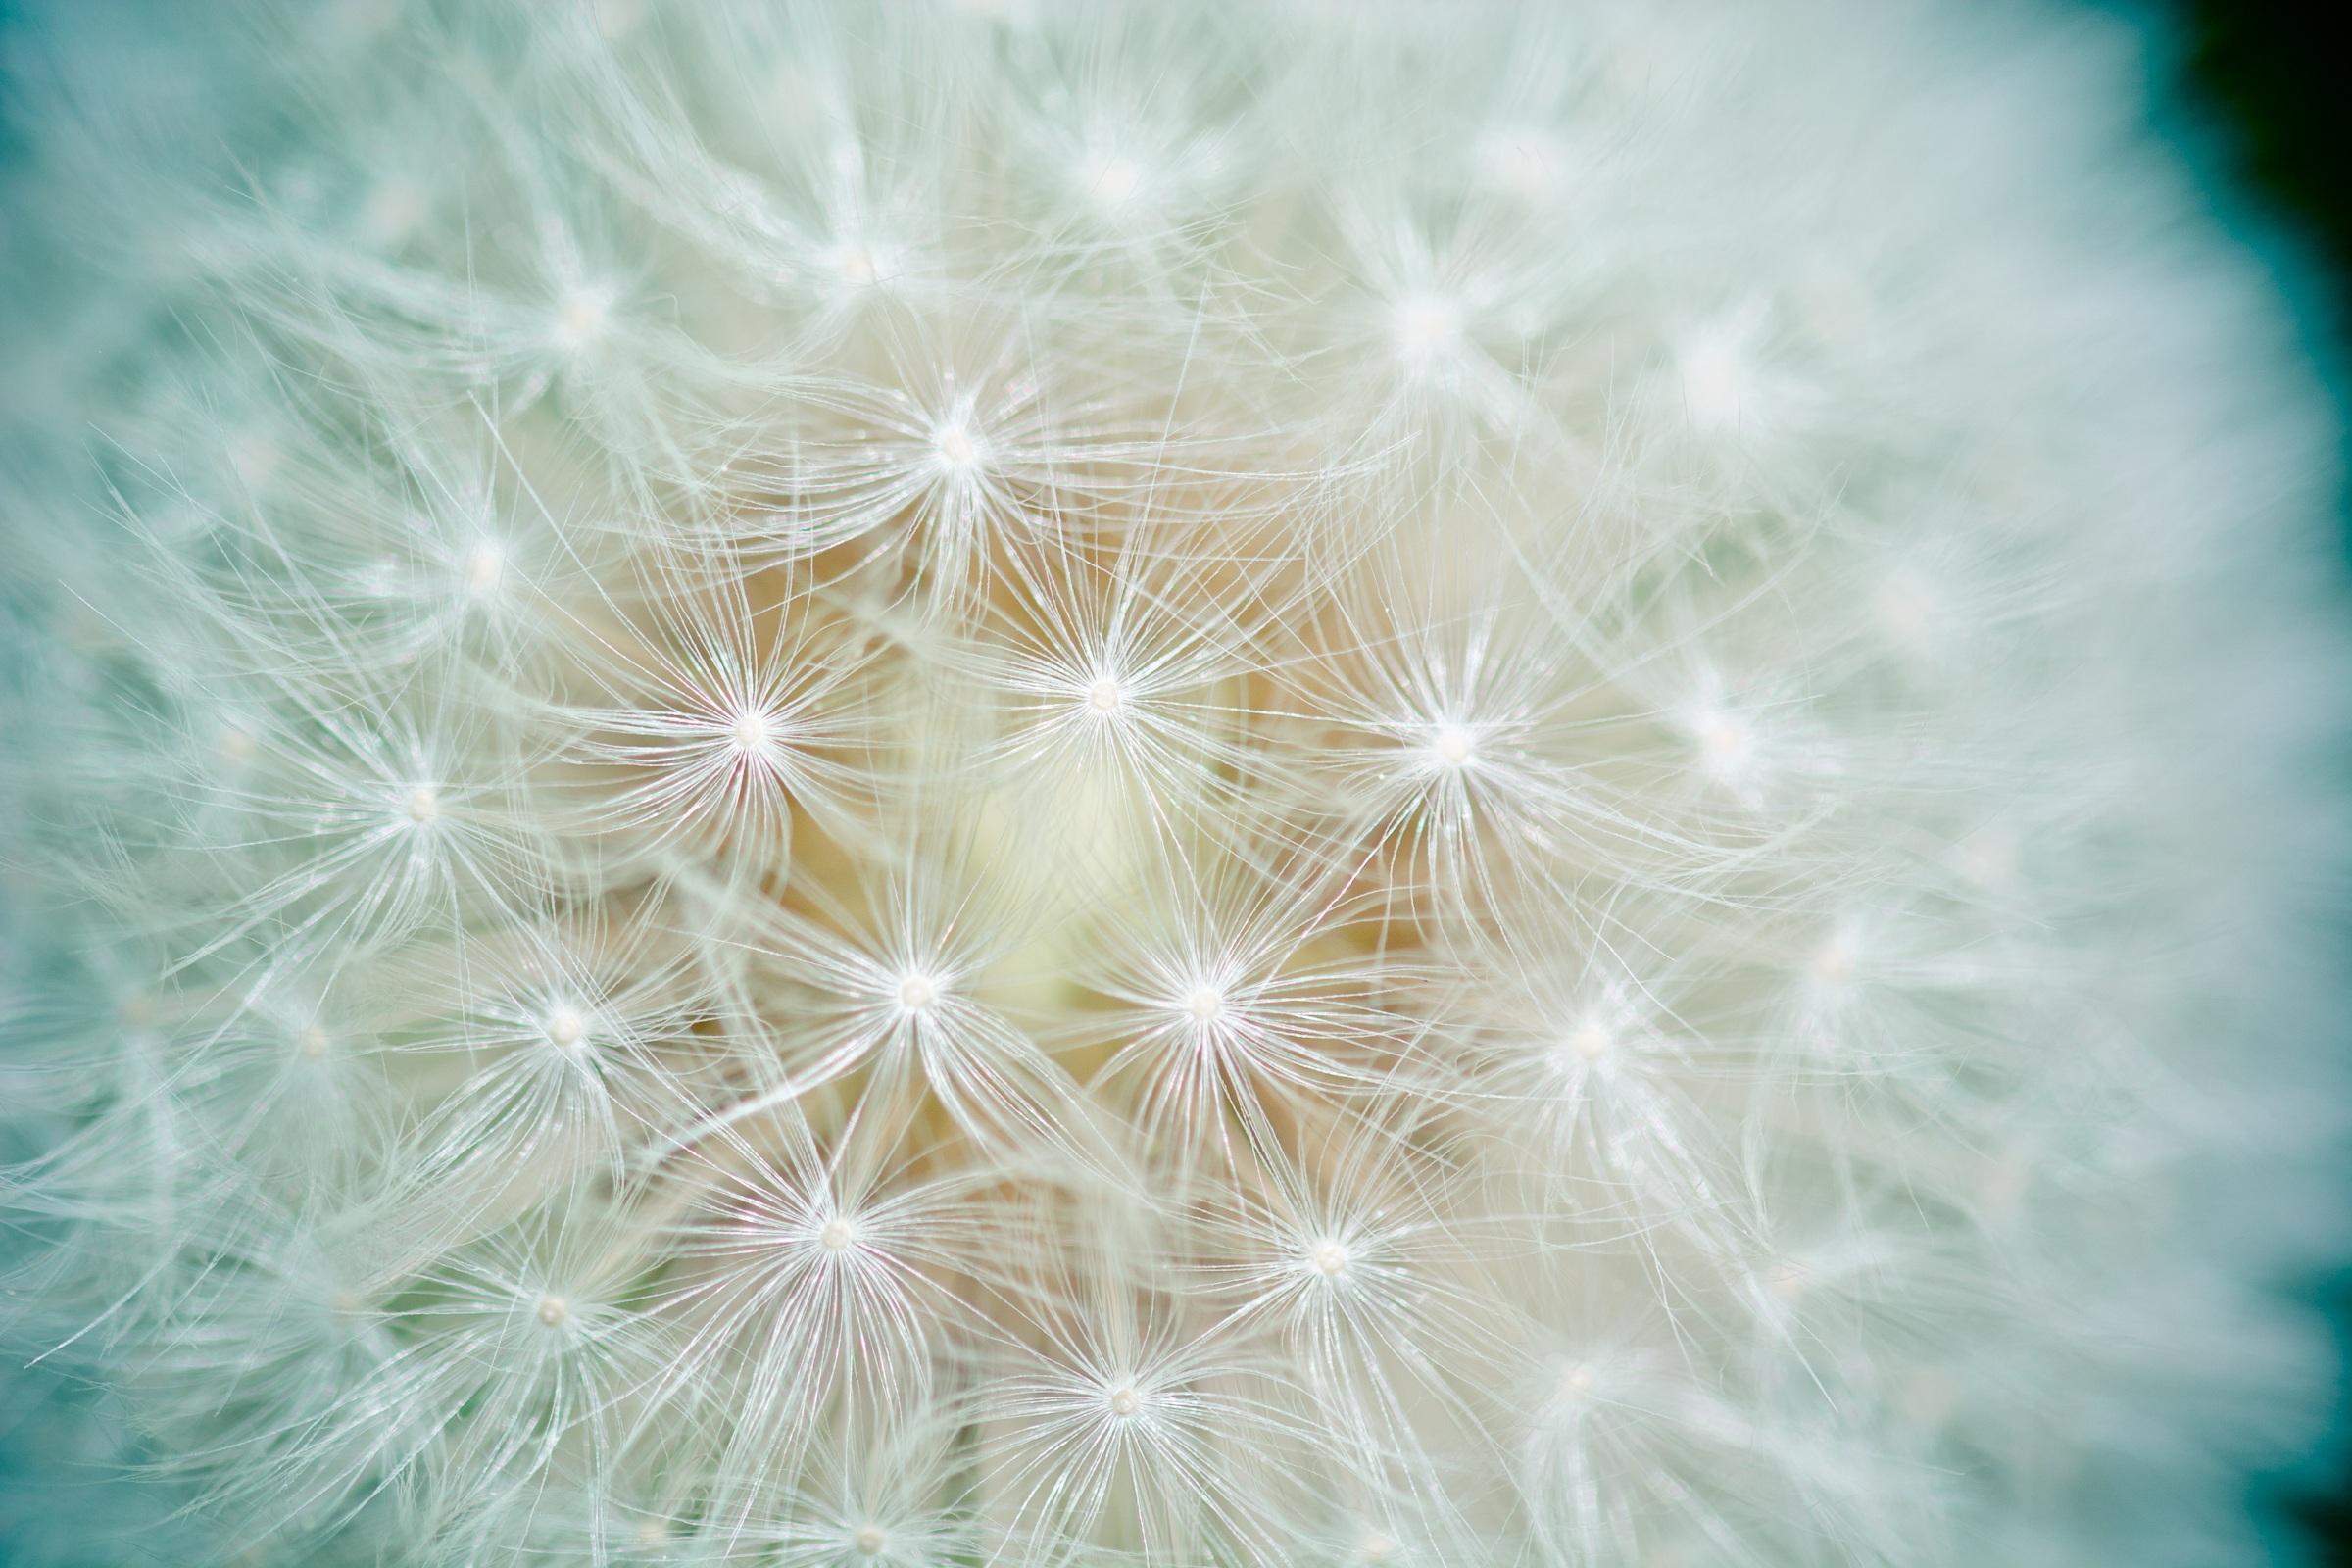 dandelion 183 free stock photo